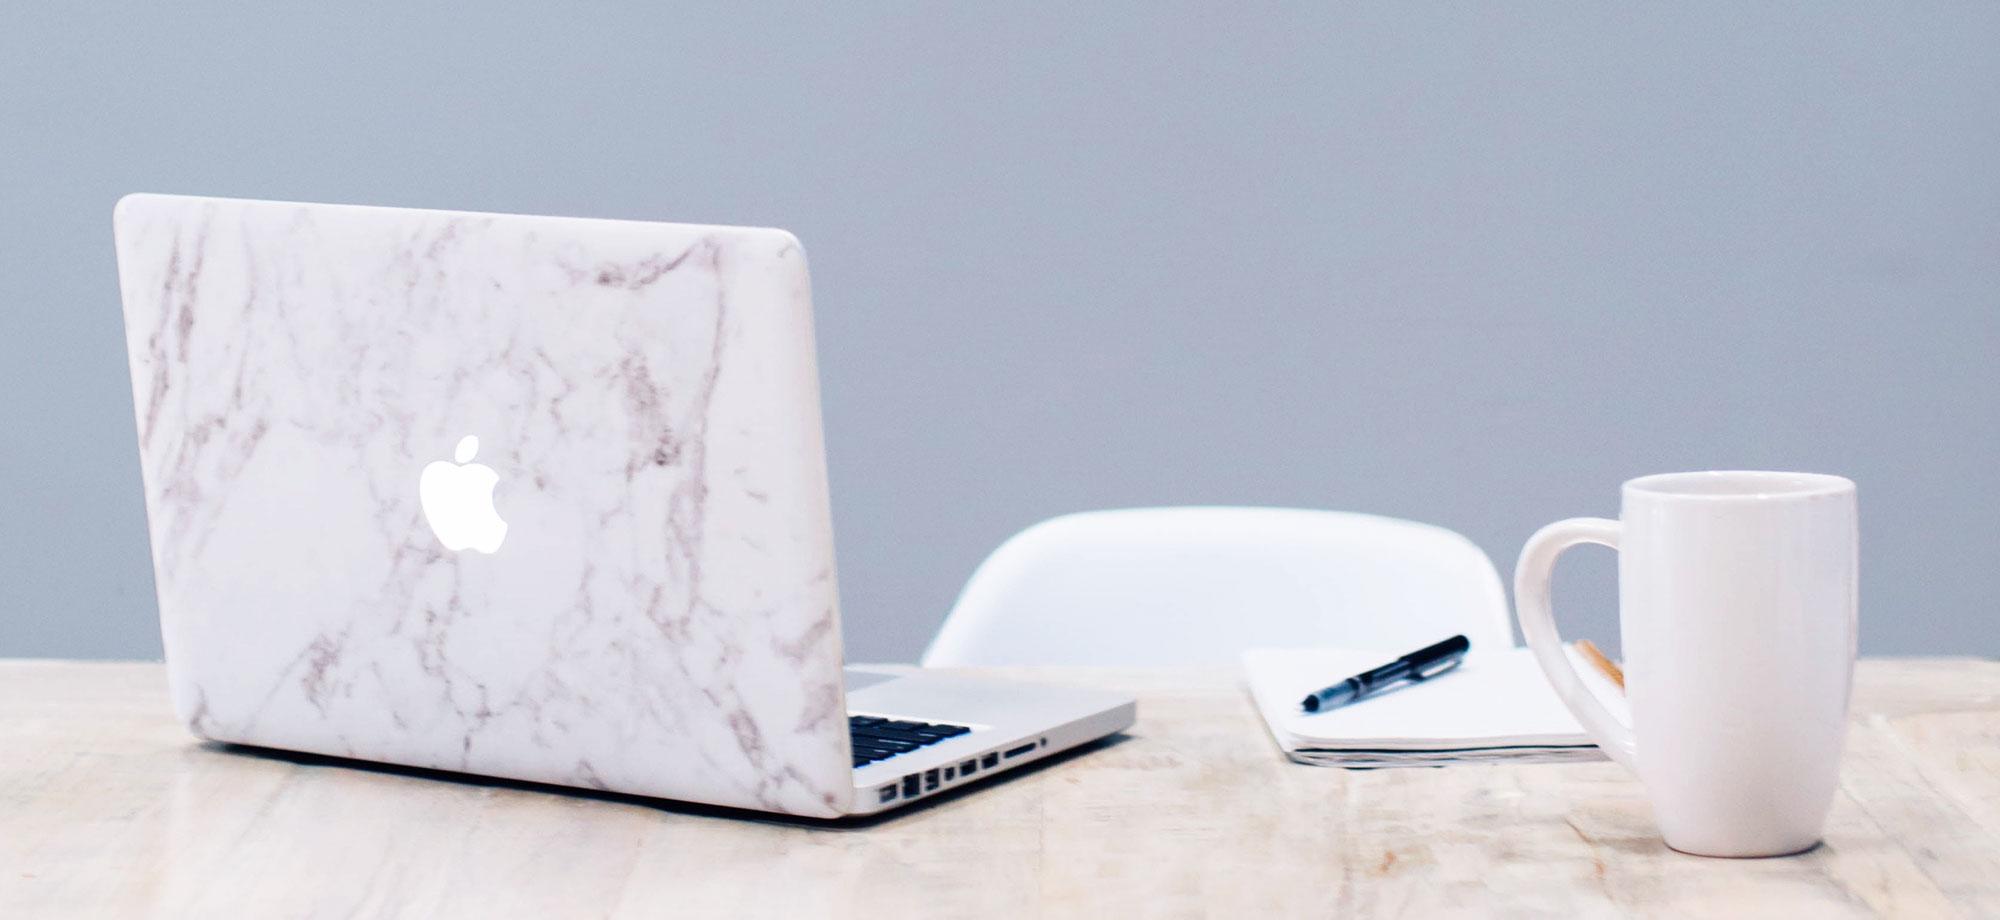 Rédactrice web : rédaction d'articles de blog, conception éditoriale, Pinterest management